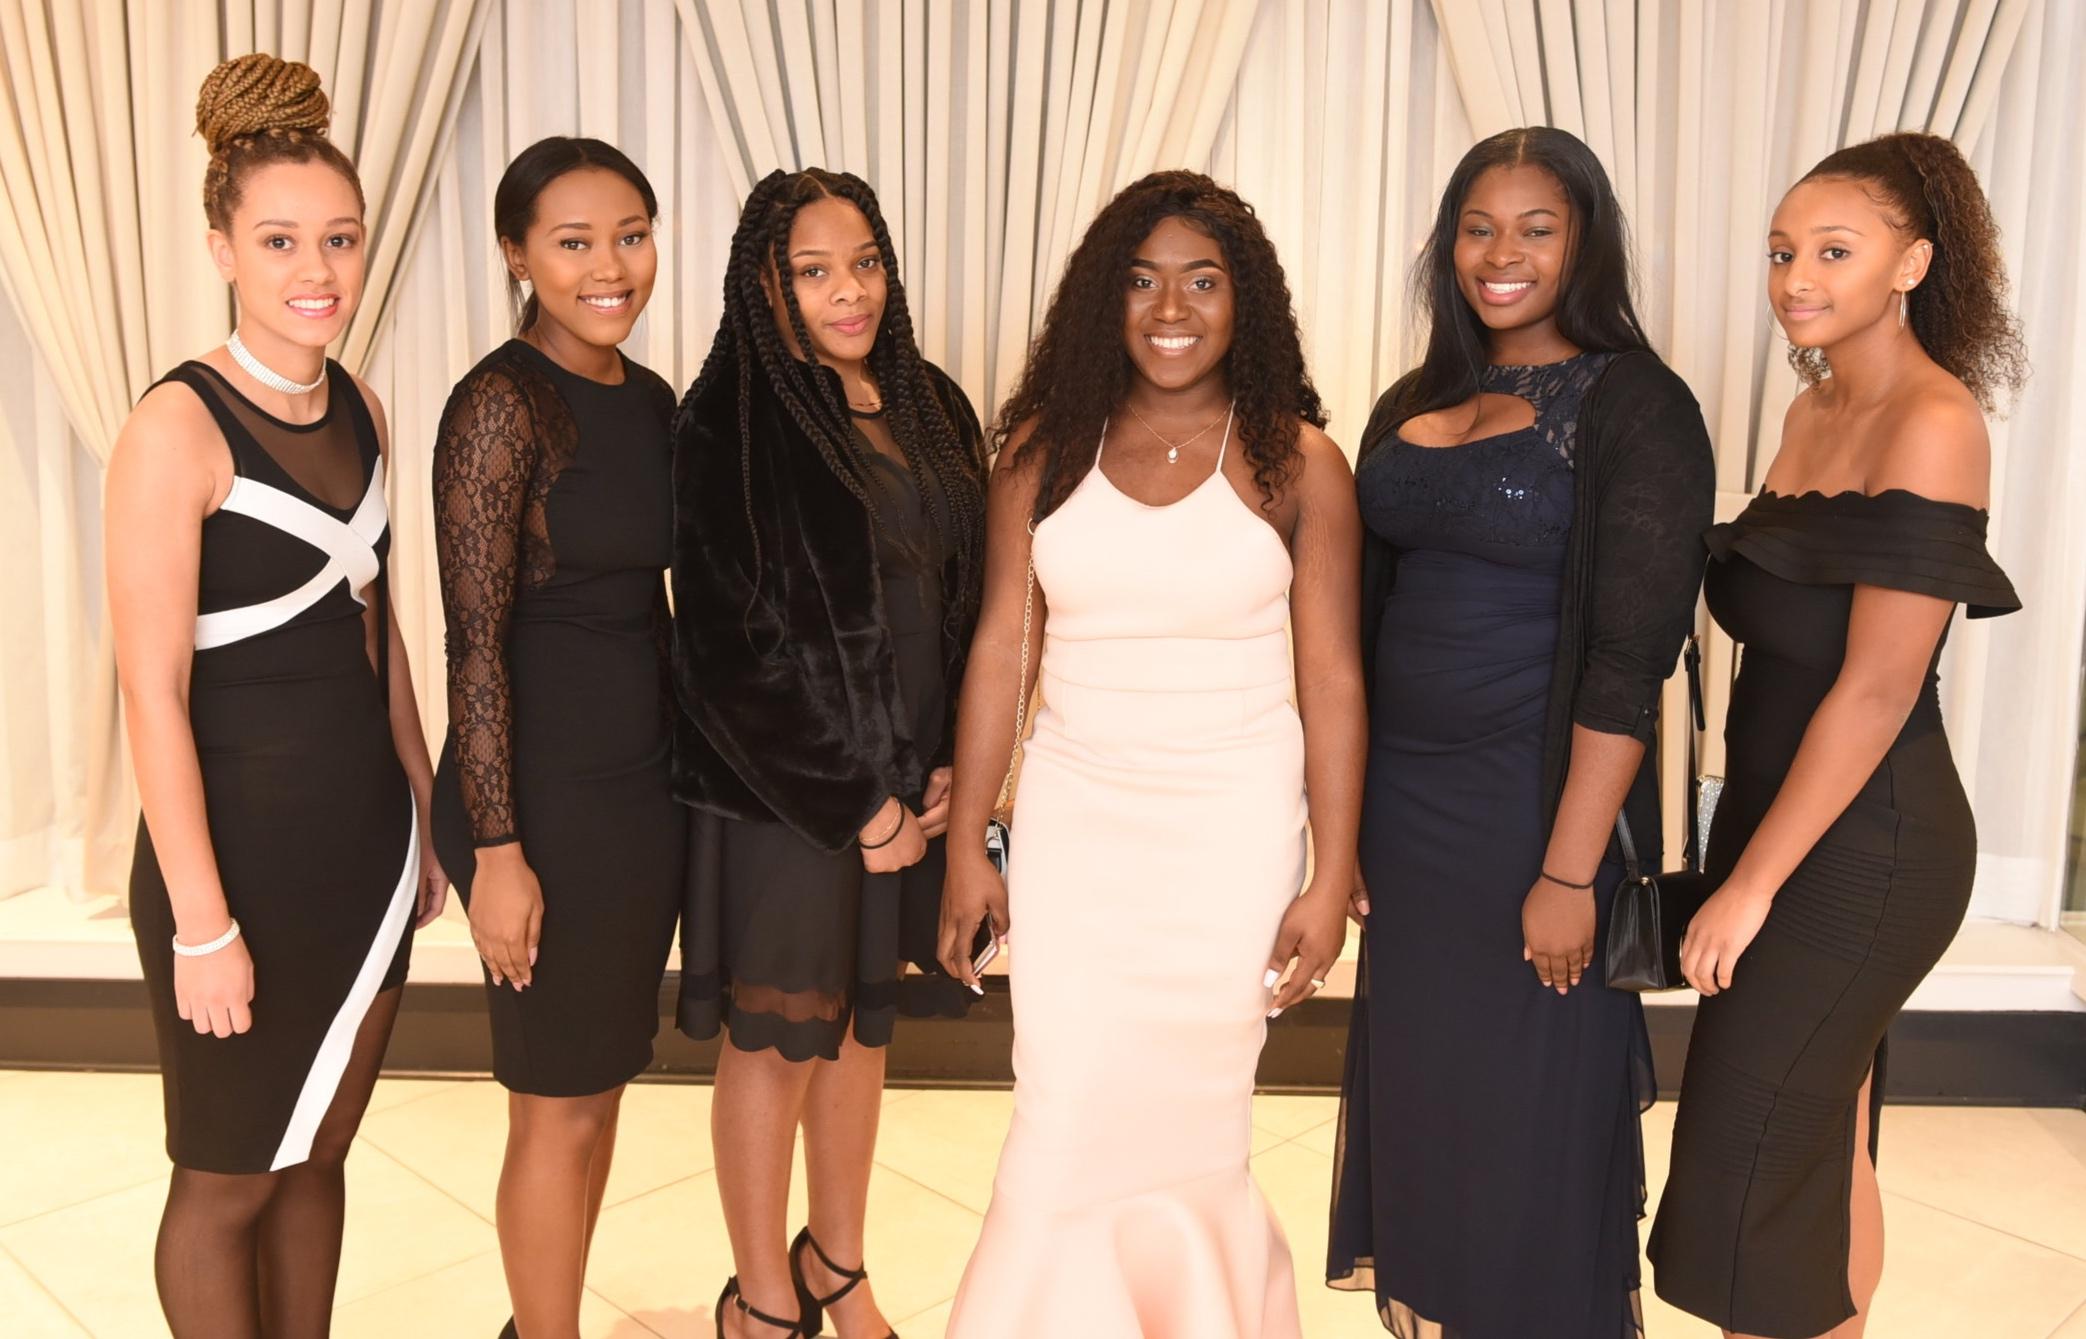 Kishana Smith (l), Talmiya Phillips, Shanel Tucker, Andrique White, Naomi Opia-Evans & Sara Minnot